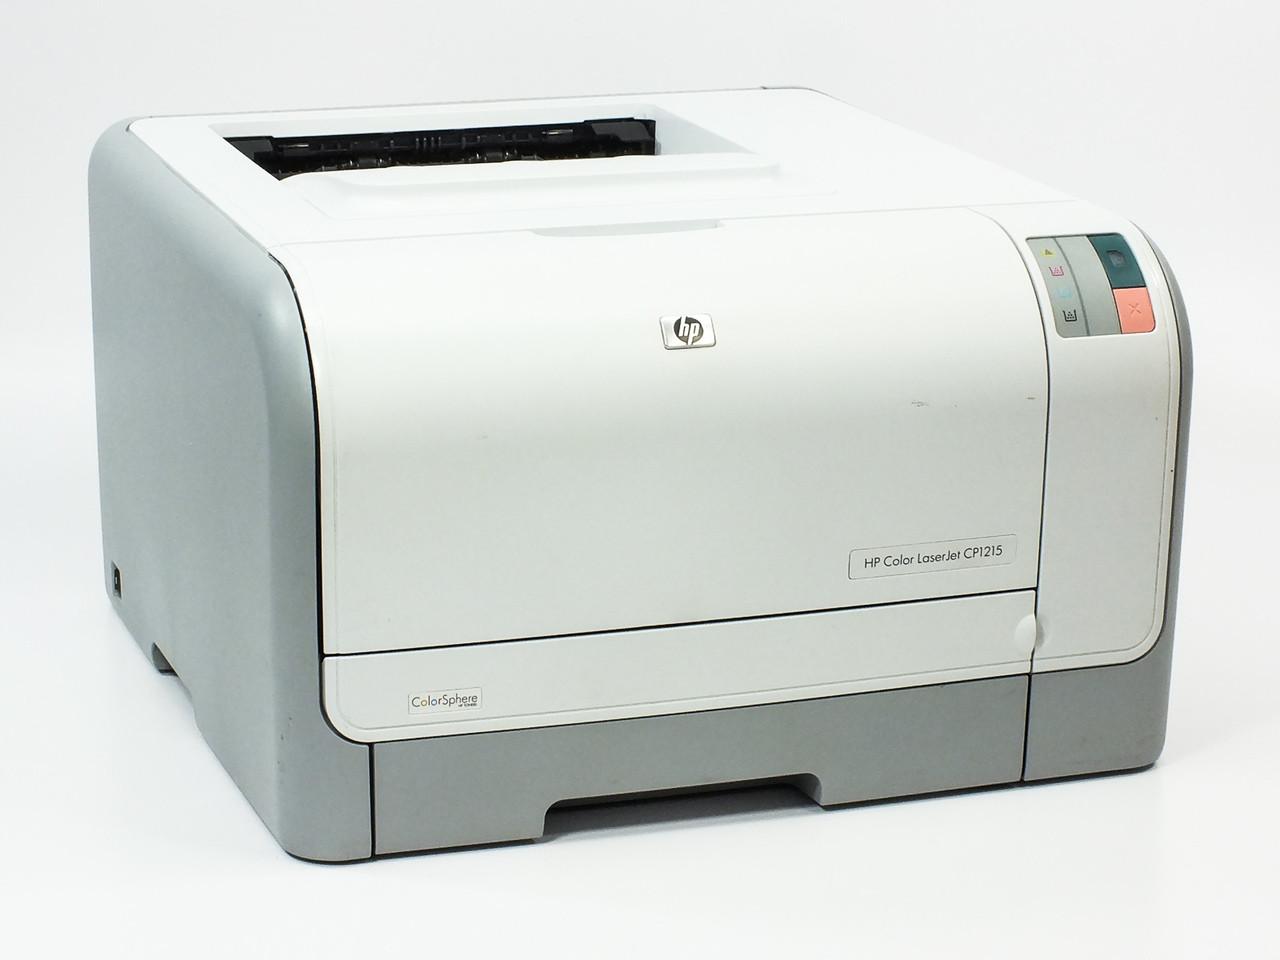 HP Color LaserJet CP1215 Yazıcı ile ilgili görsel sonucu